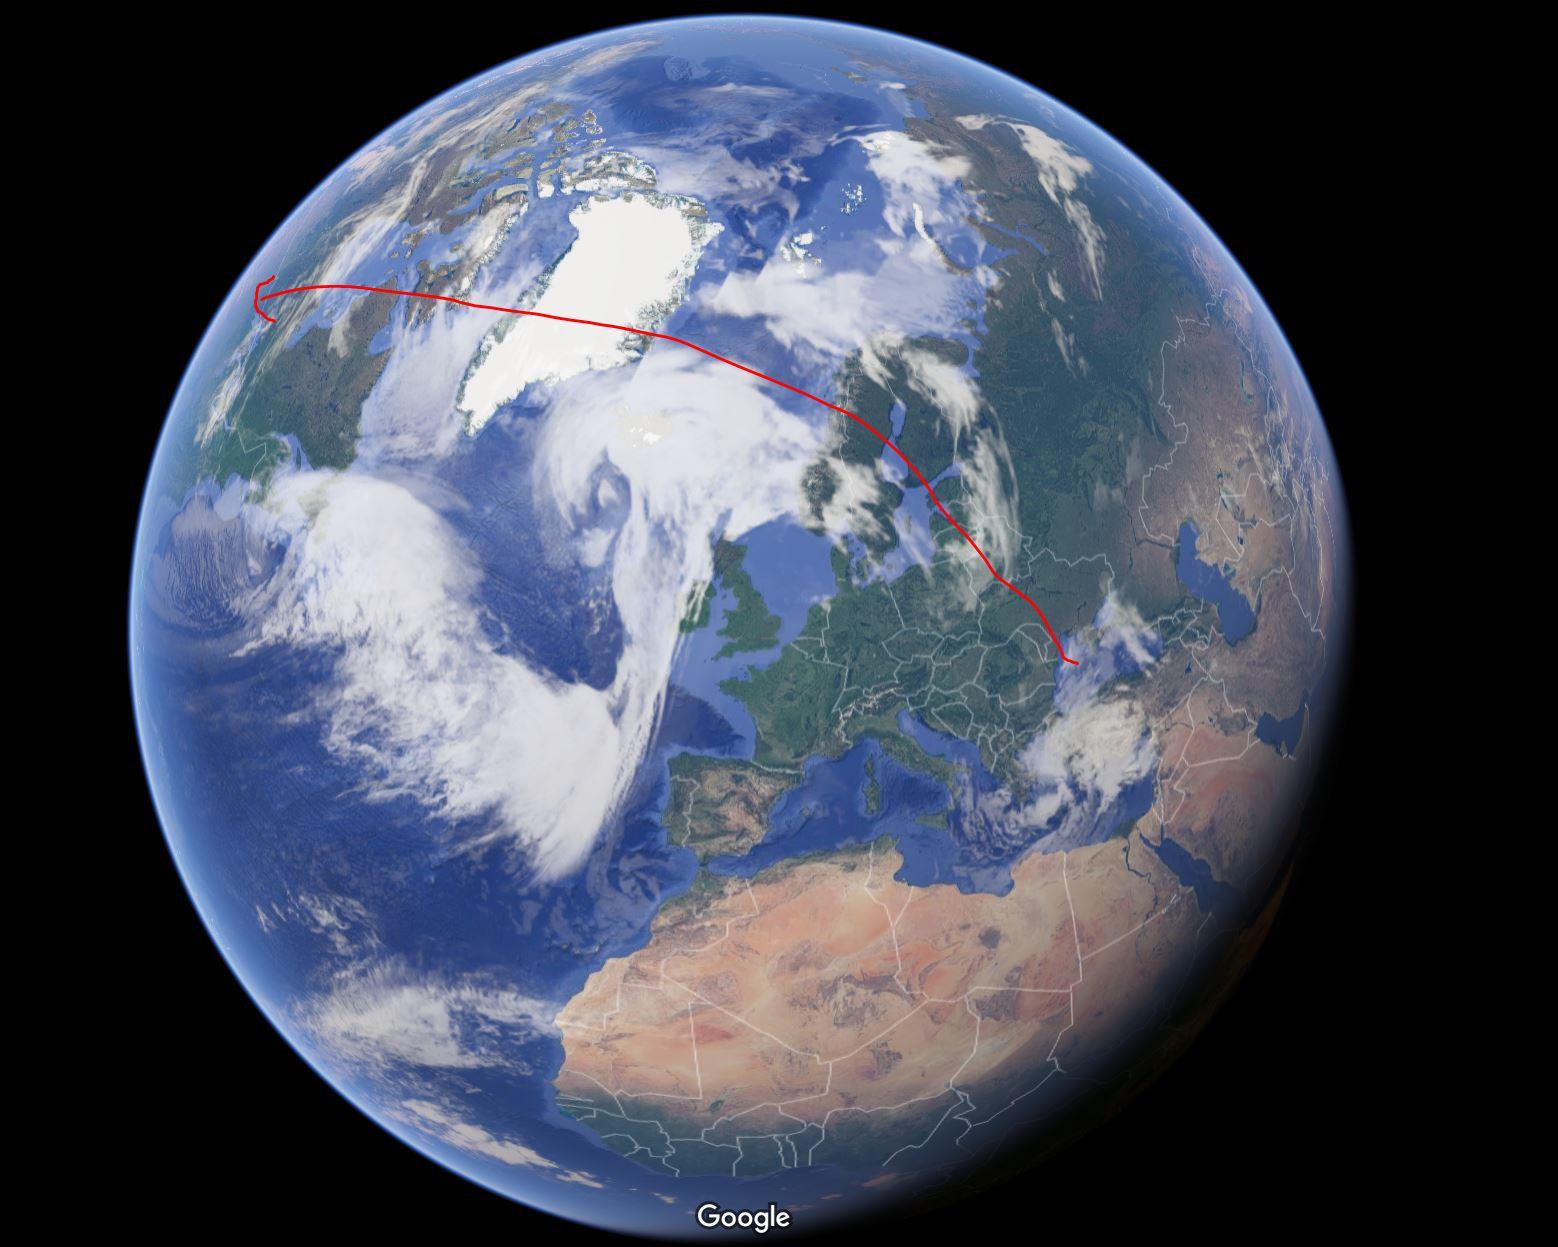 Klicken Sie auf die Grafik für eine größere Ansicht  Name:Raketenbahn.JPG Hits:60 Größe:193,4 KB ID:1075428